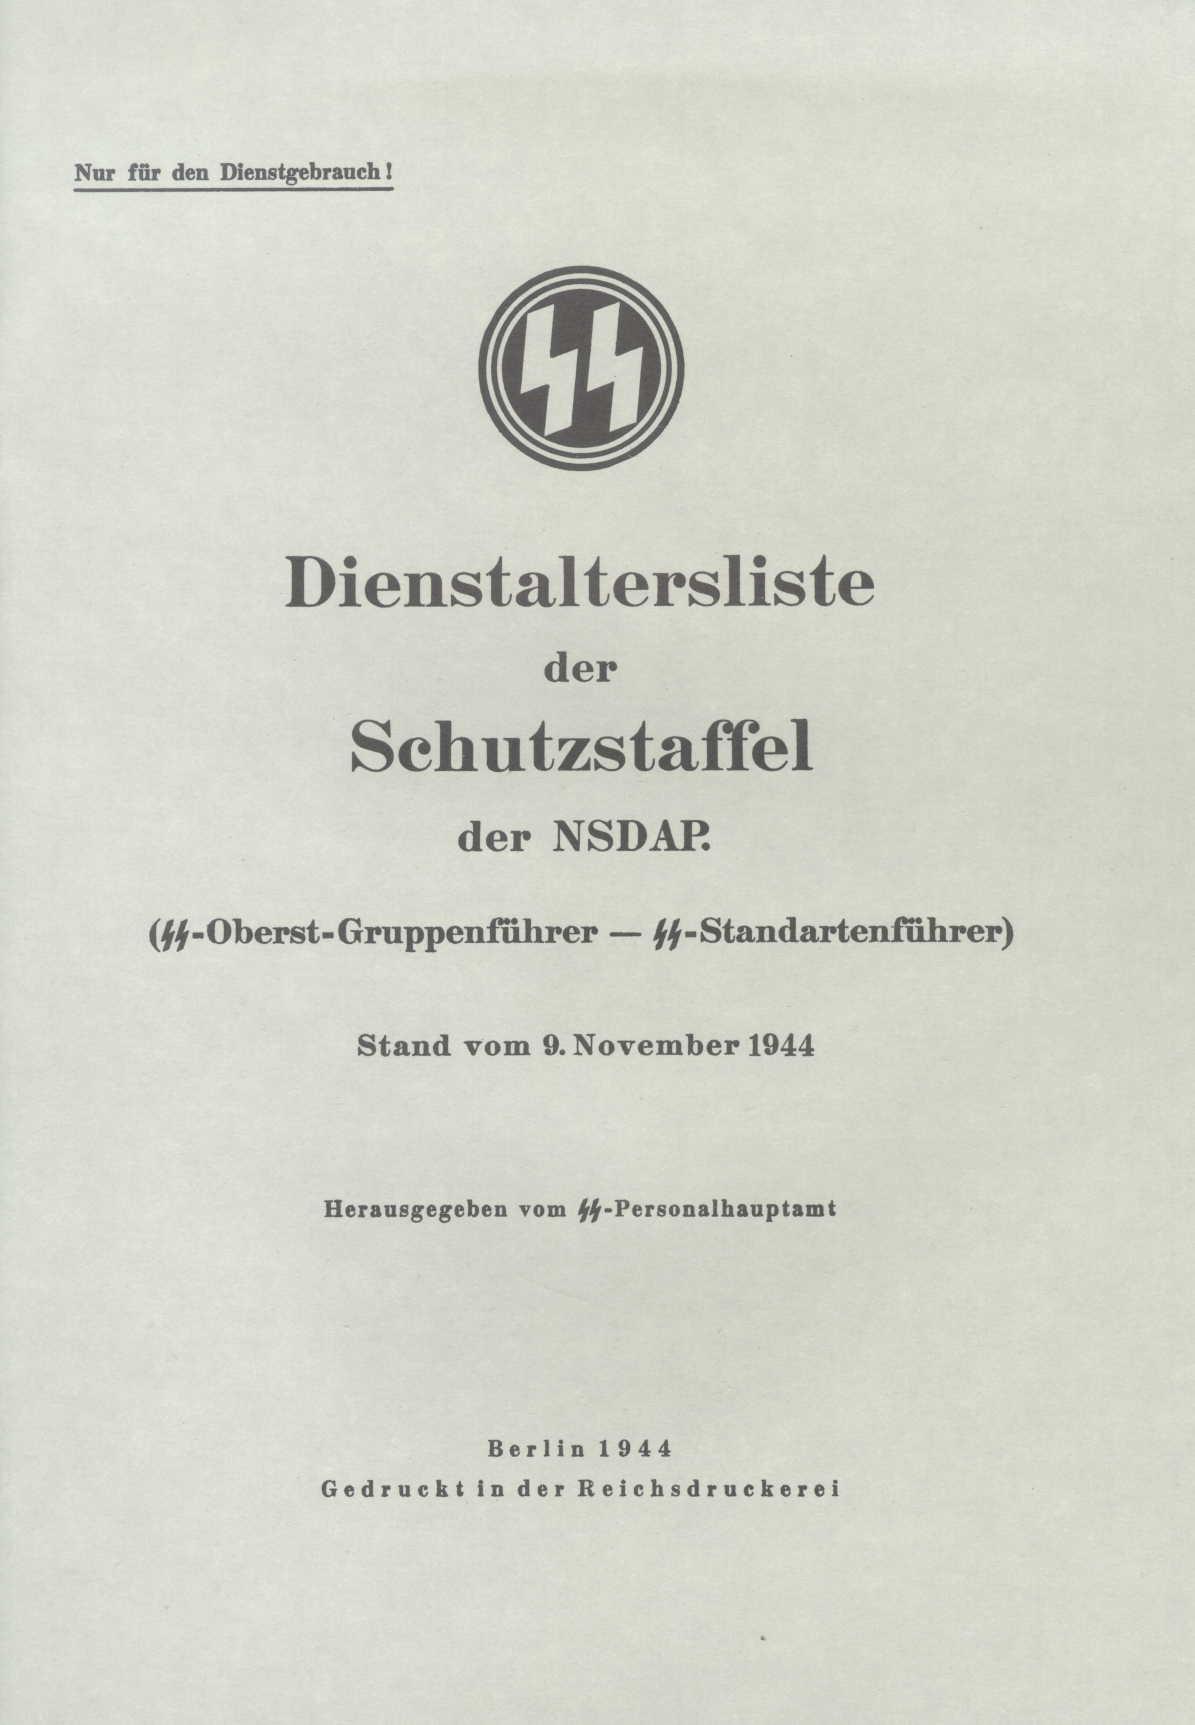 Dienstalterliste II der Schutzstaffel der NSDAP